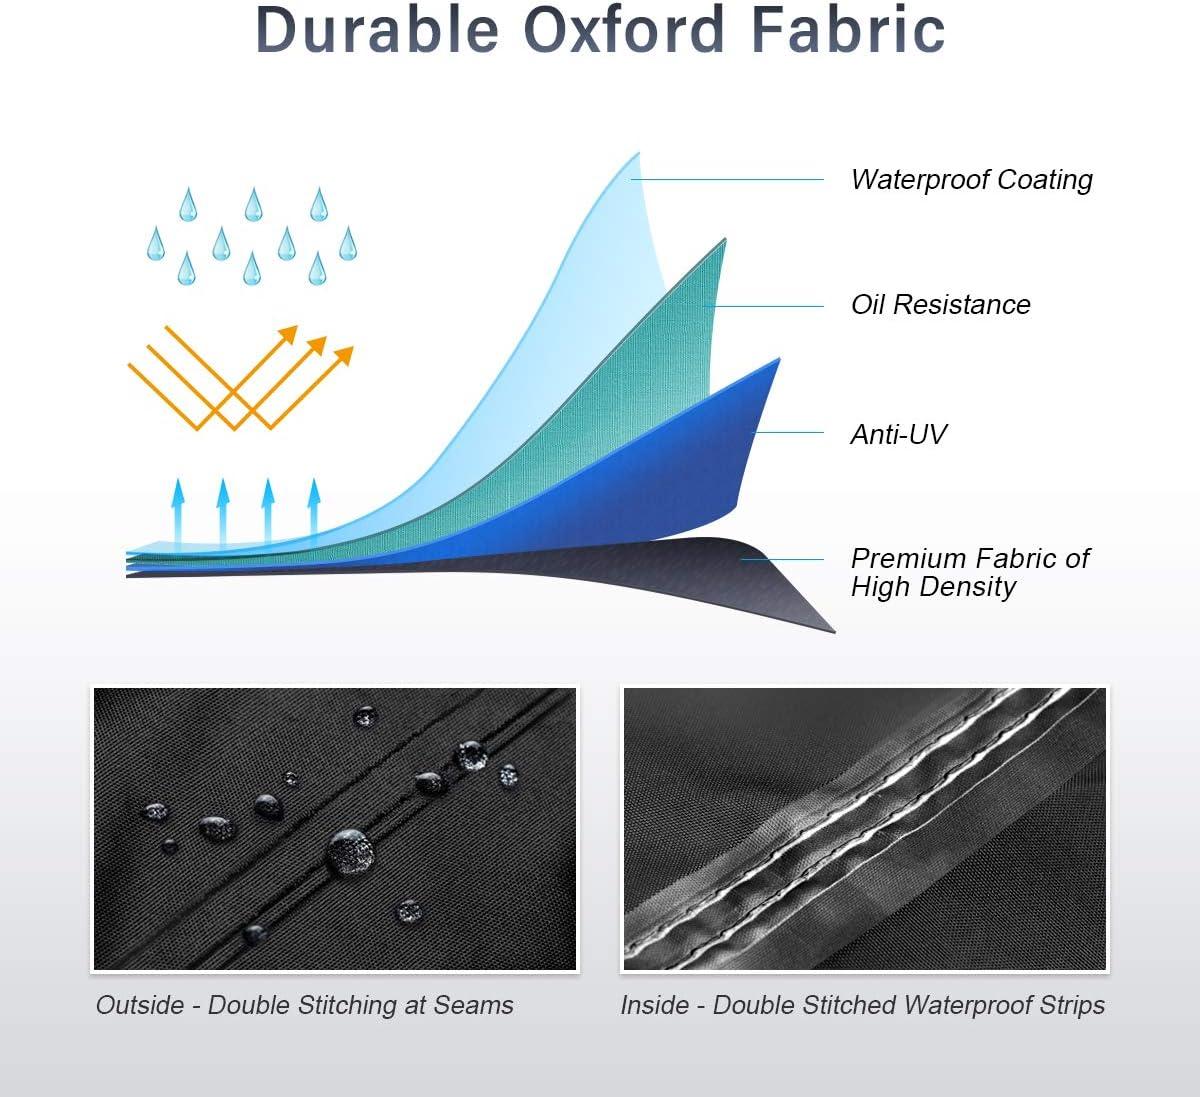 Offre Protezione all/'Aperto in Tutte le Stagioni Impermeabile 295 x 110 x 140 cm XYZCTEM Telo Coprimoto Tessuto Oxford Resistente Ultra Durevole